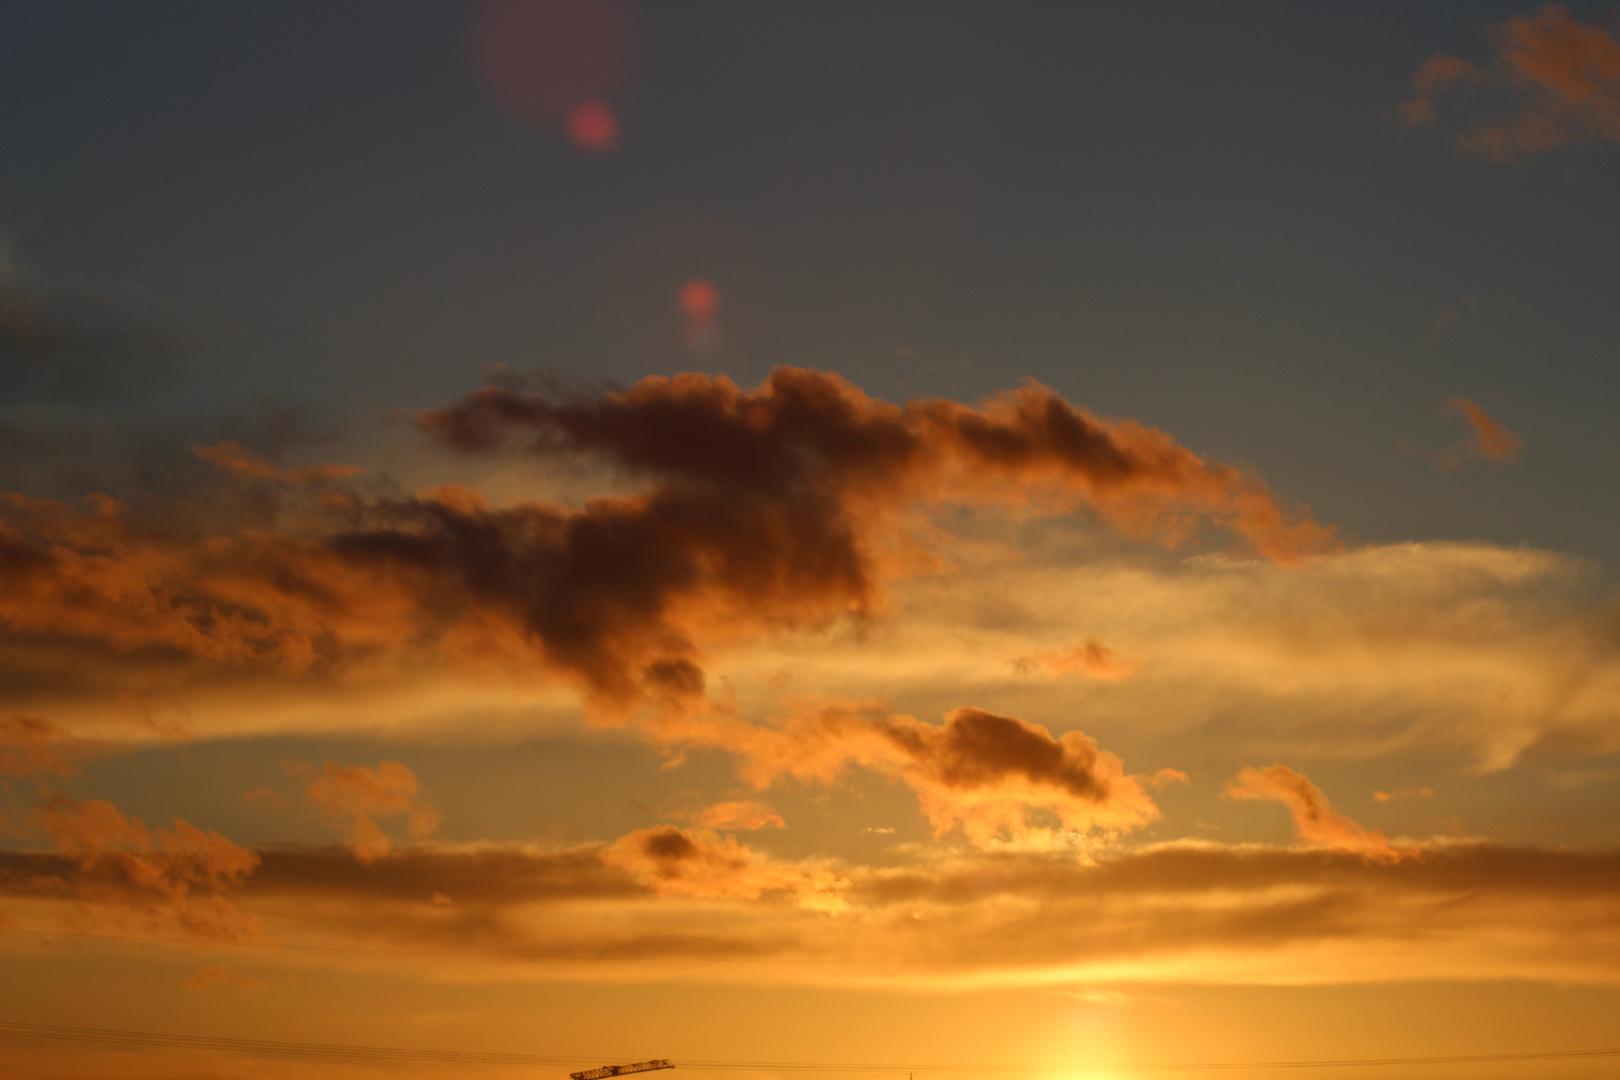 Clouds in Orange